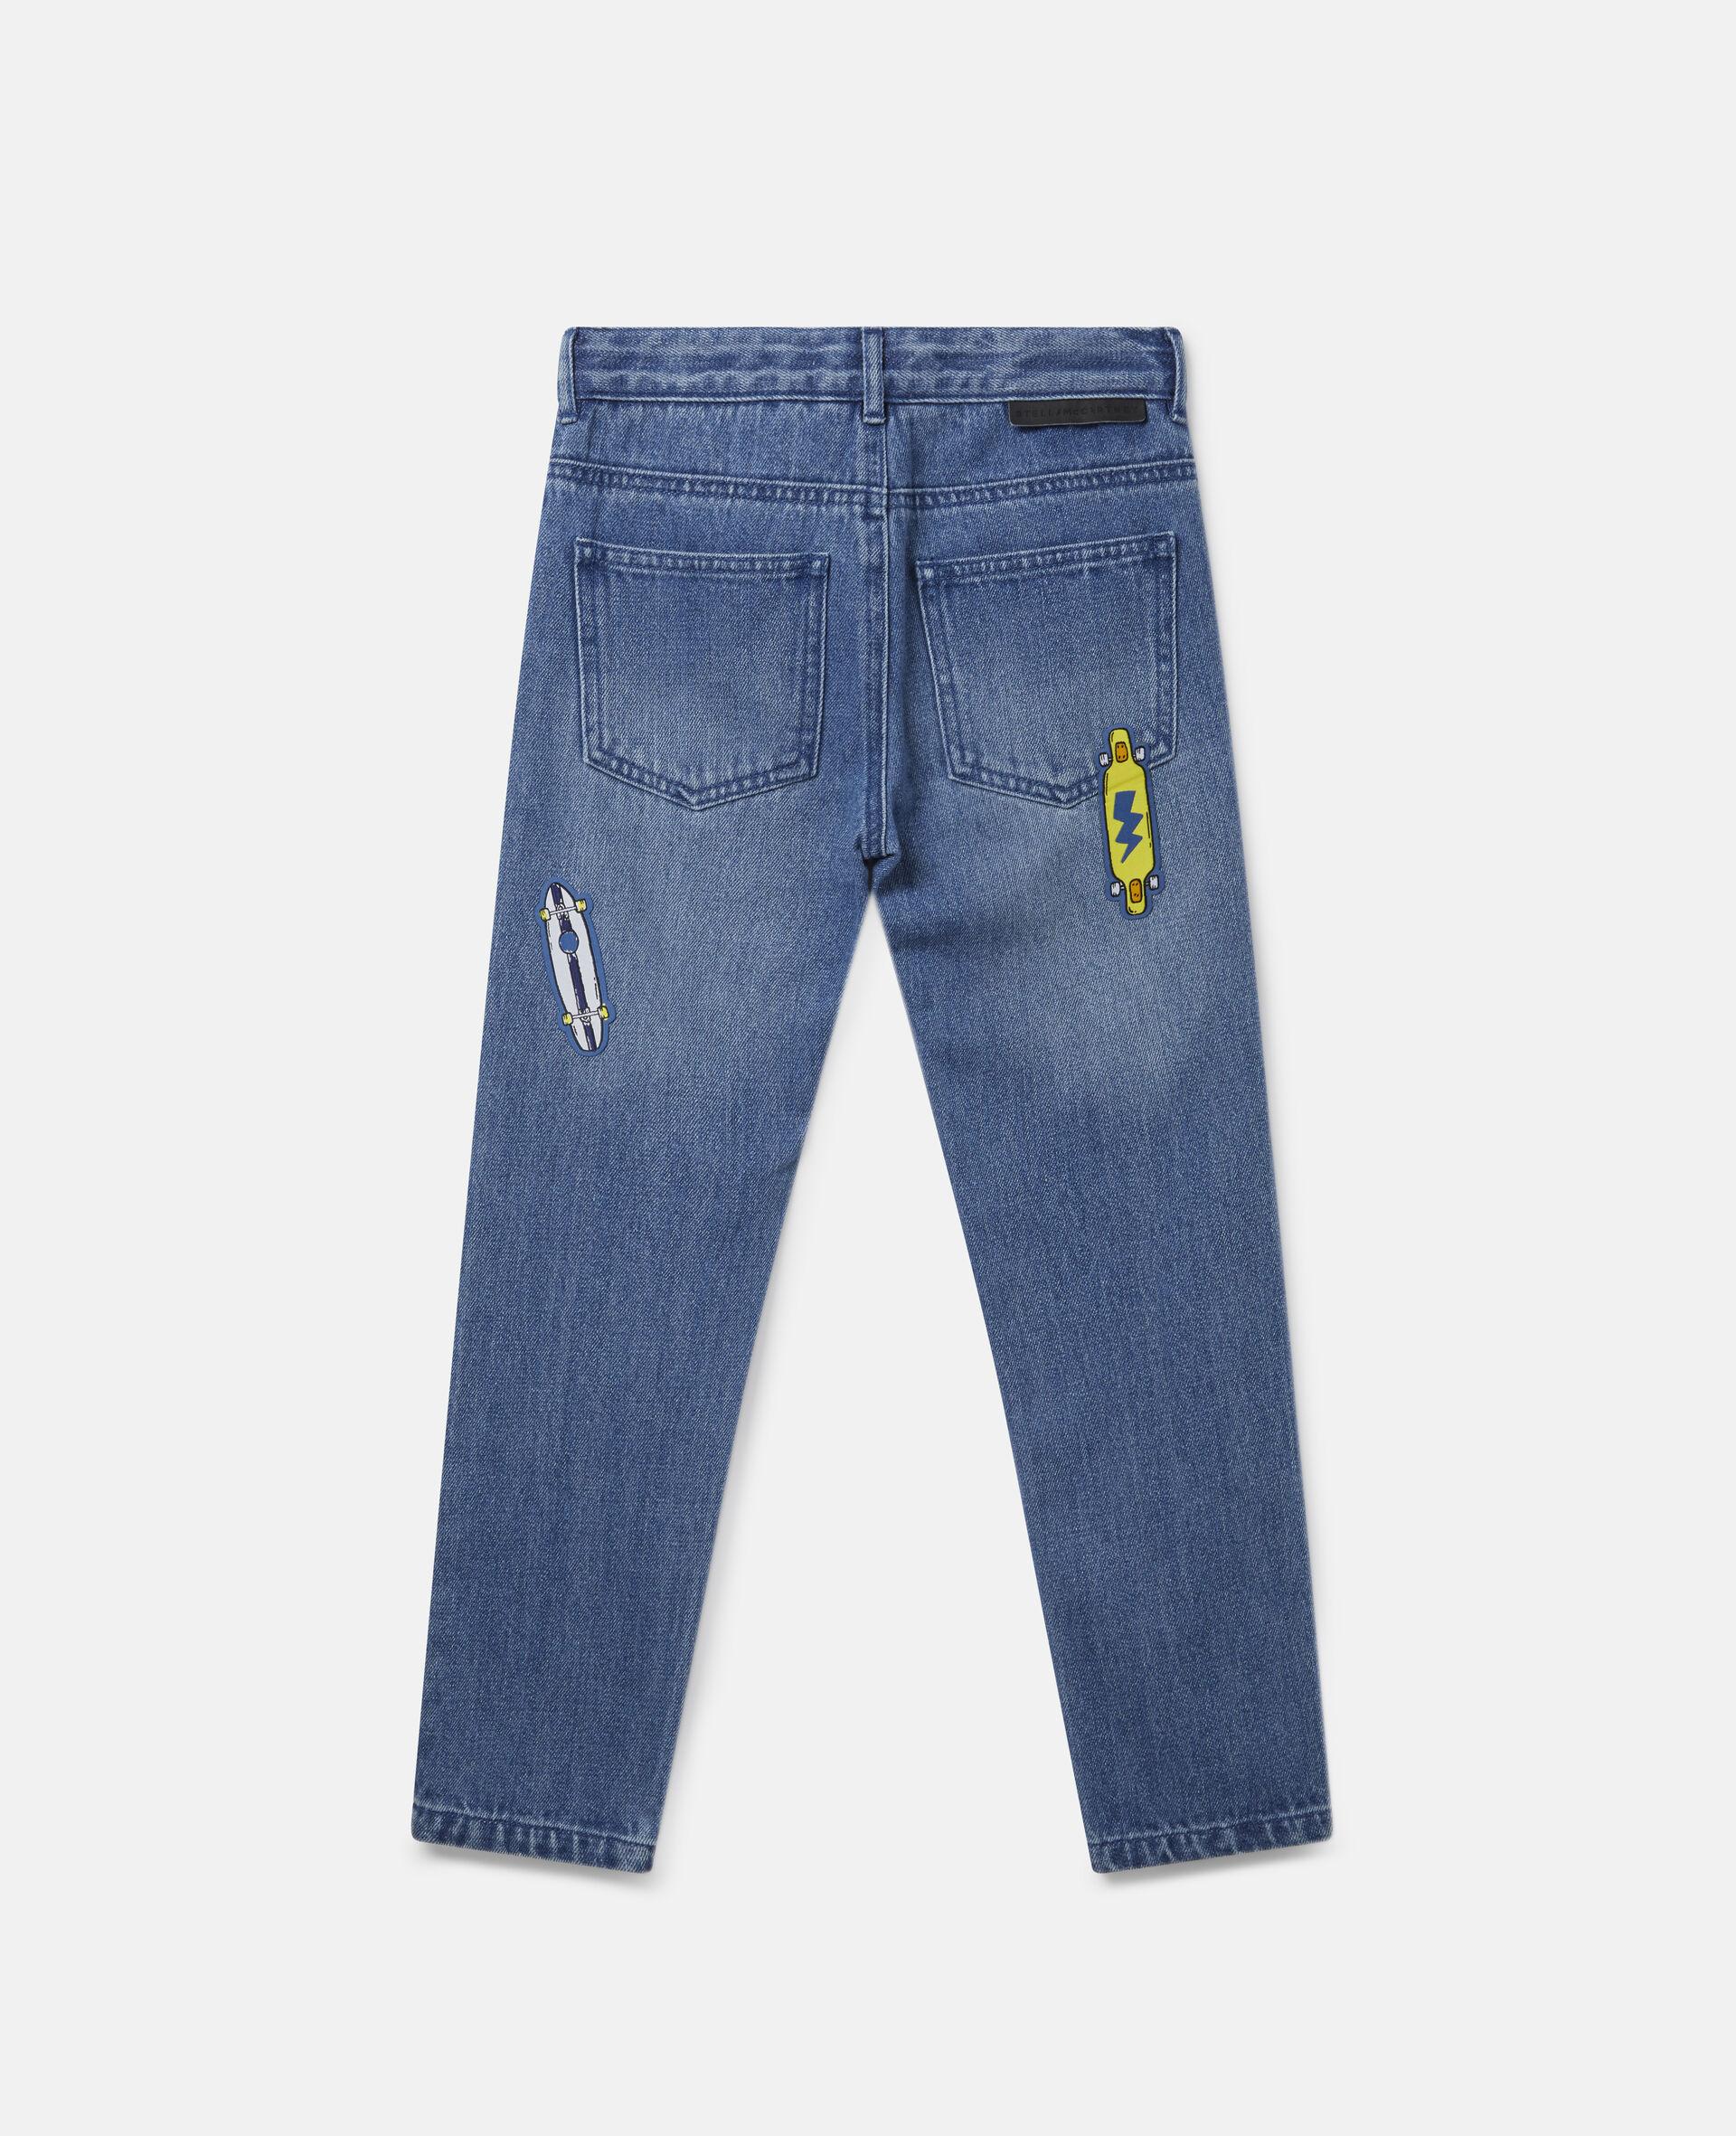 Skates Badges Denim Trousers-Blue-large image number 3